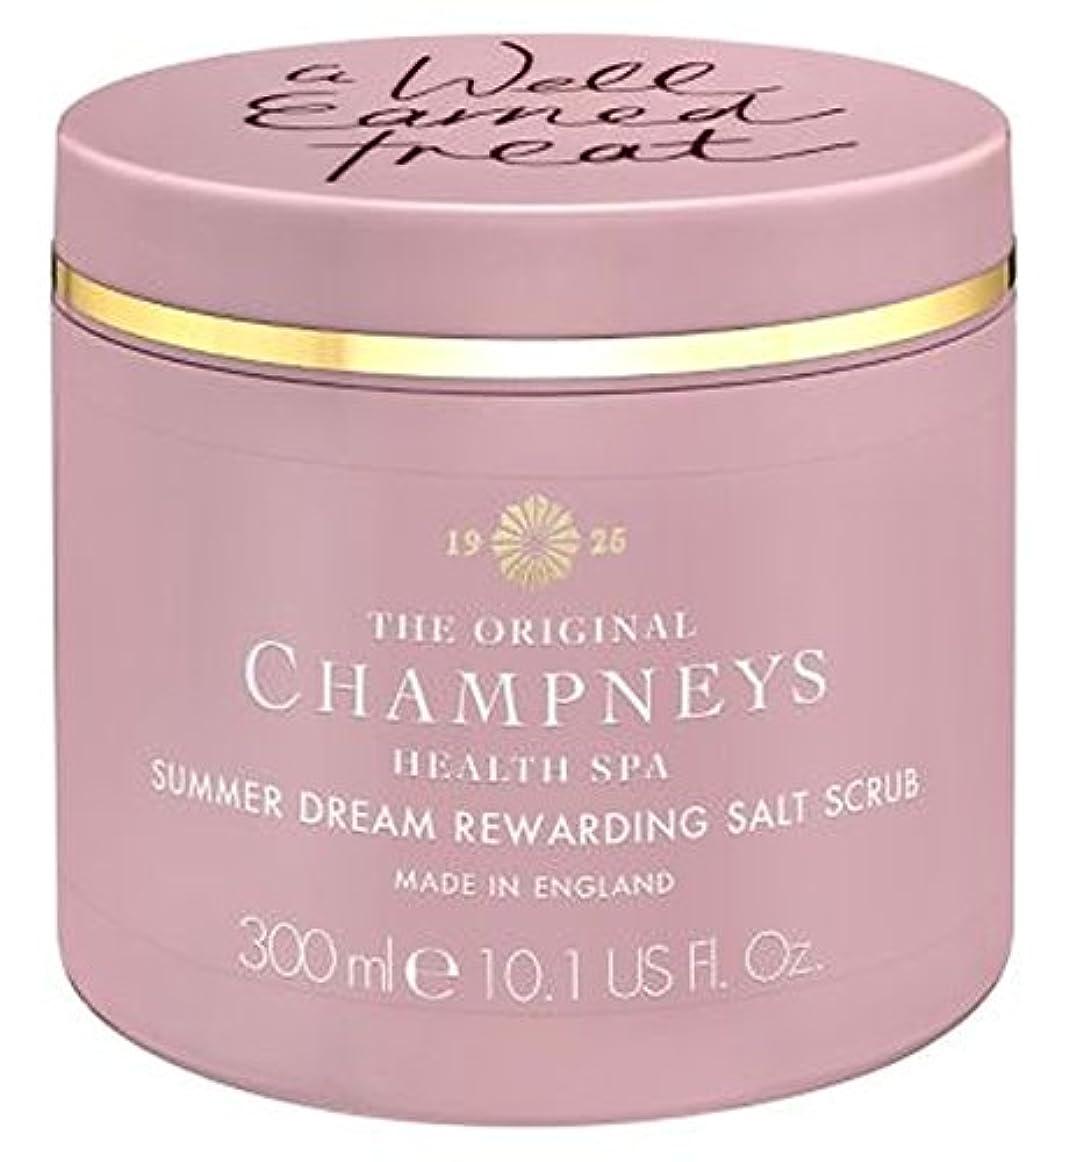 取得する再撮り命令チャンプニーズの夏の夢やりがいの塩スクラブ300ミリリットル (Champneys) (x2) - Champneys Summer Dream Rewarding Salt Scrub 300ml (Pack of 2...